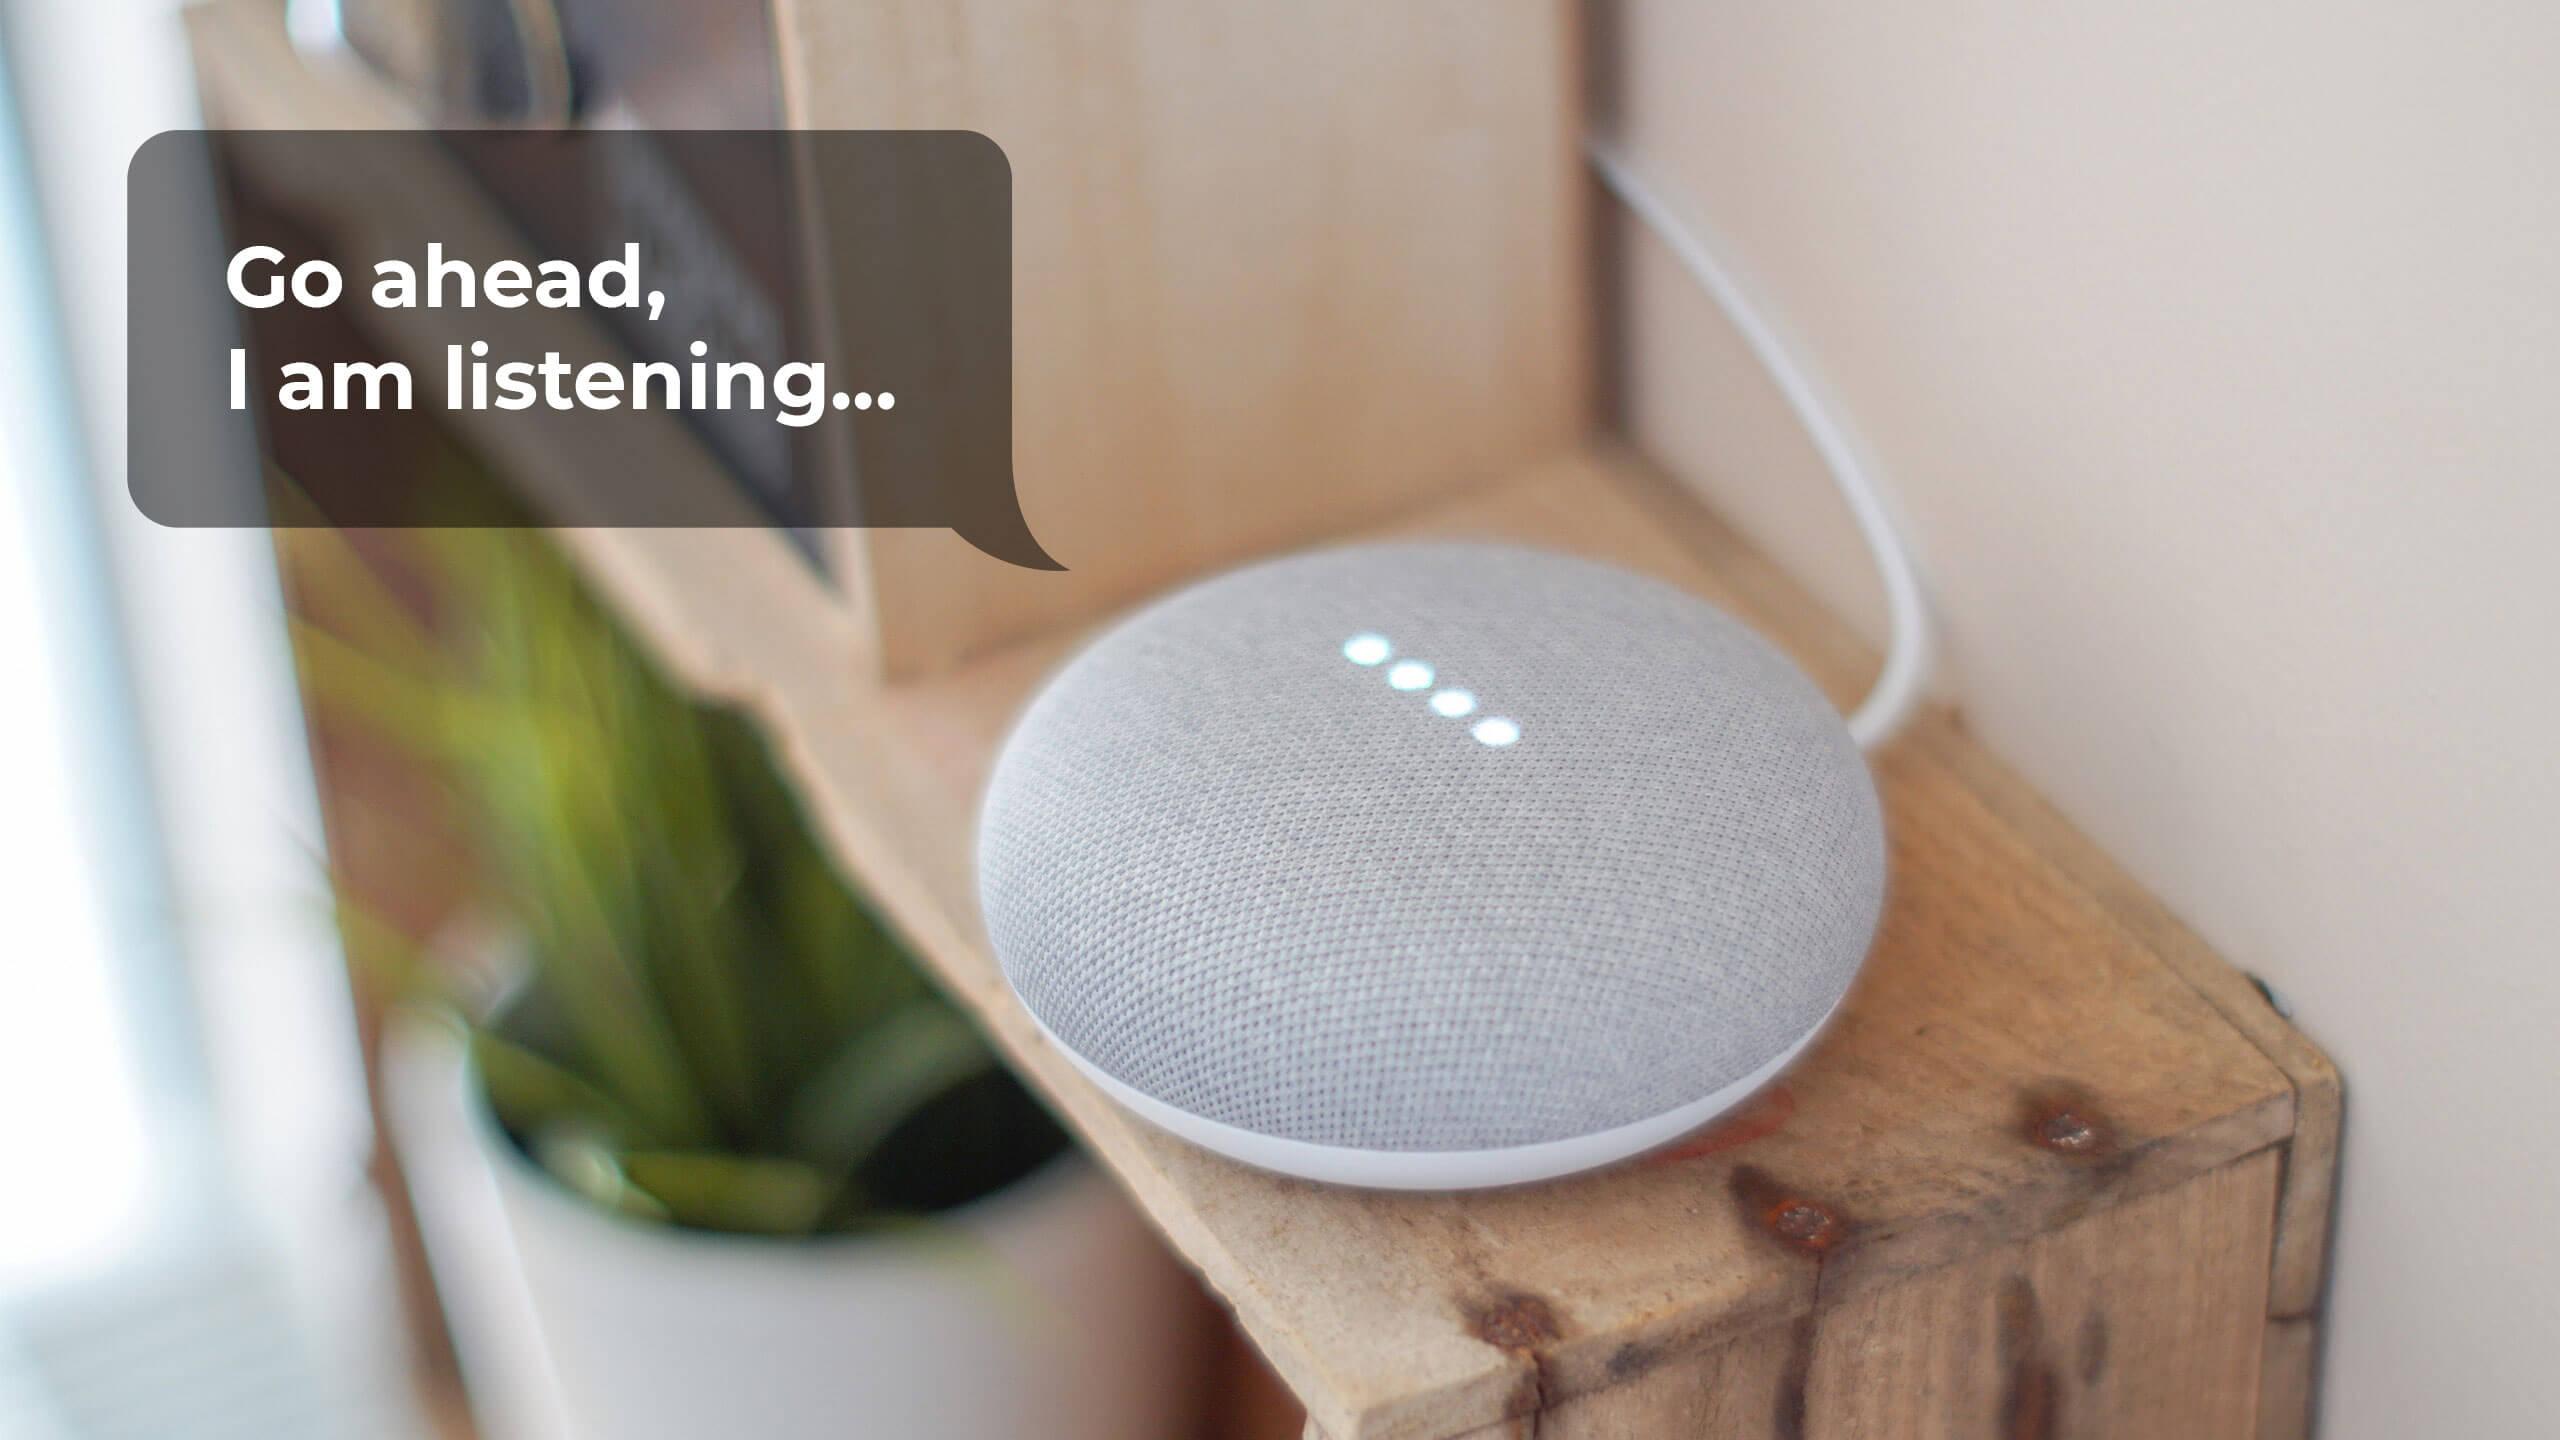 smart-speaker-listening